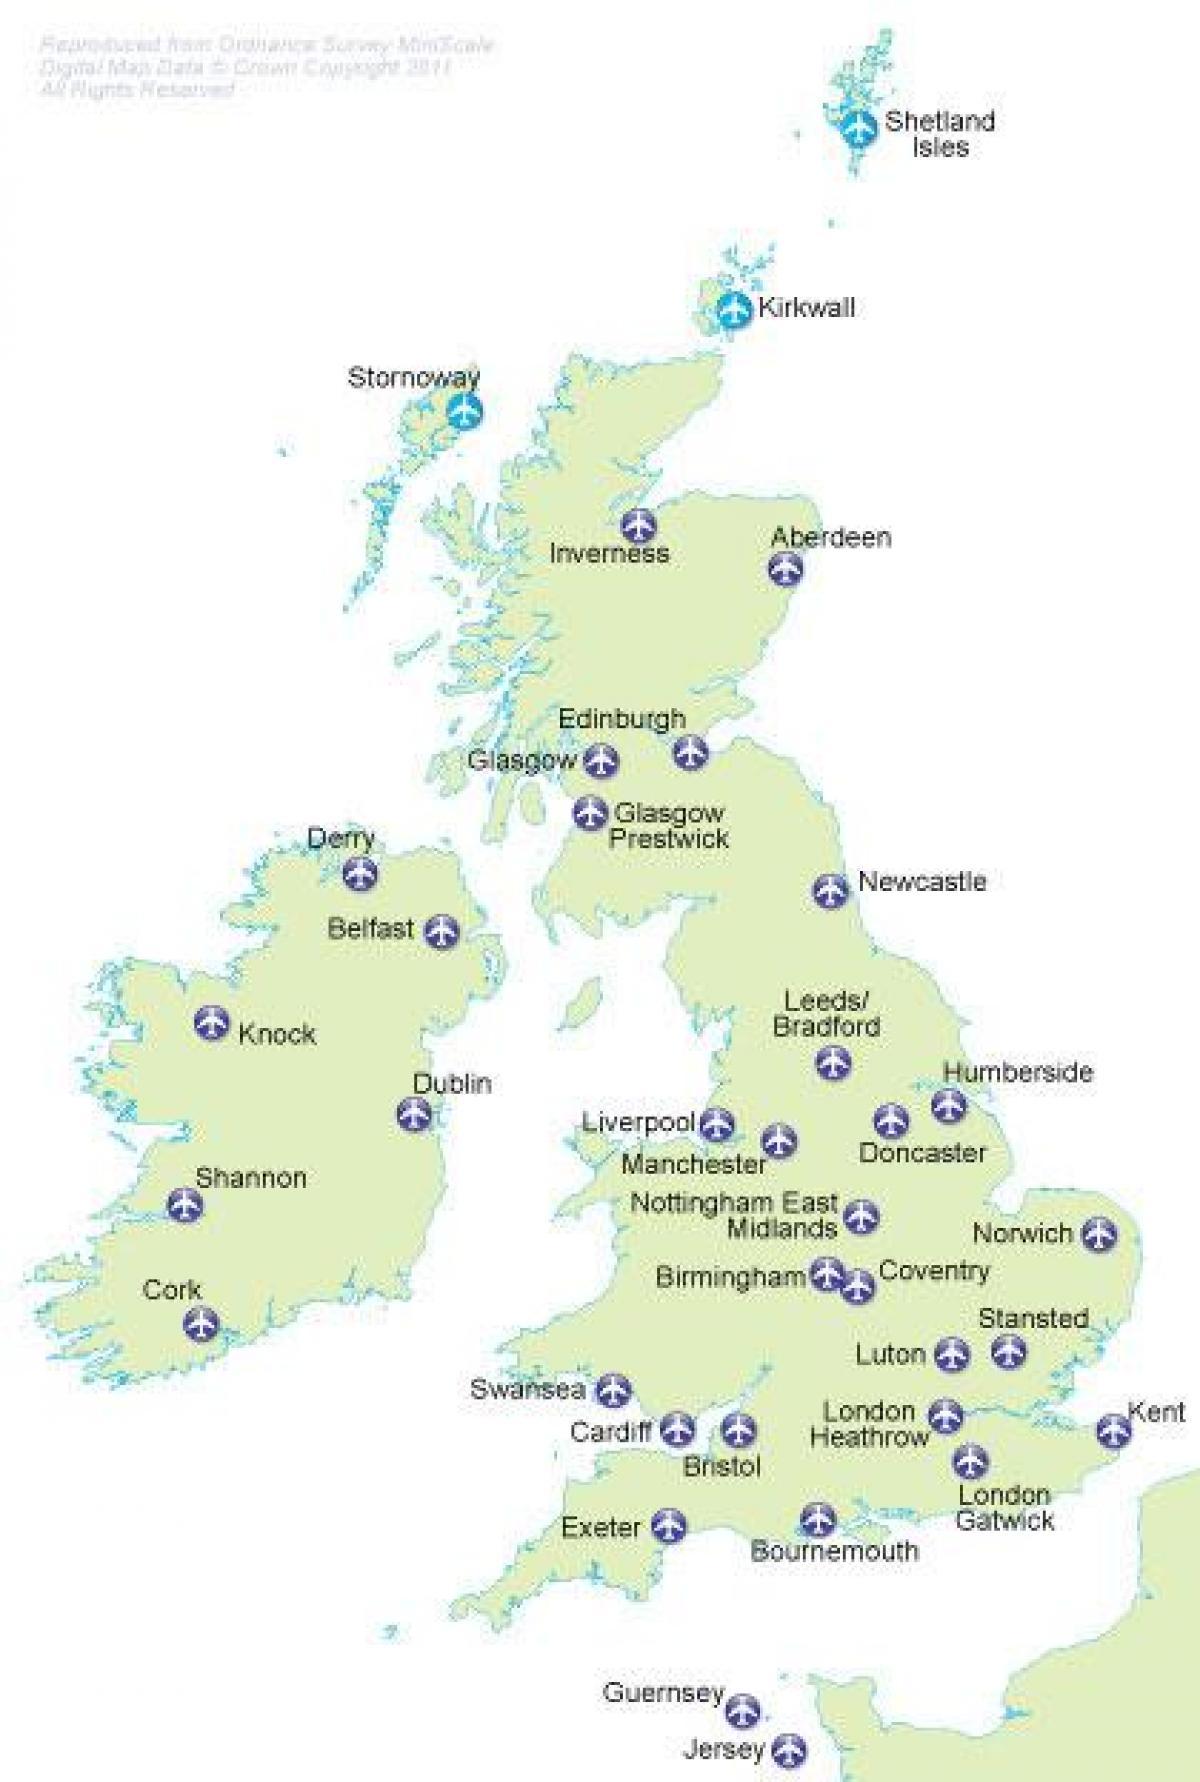 UK international airports map - Map of UK international airports ...